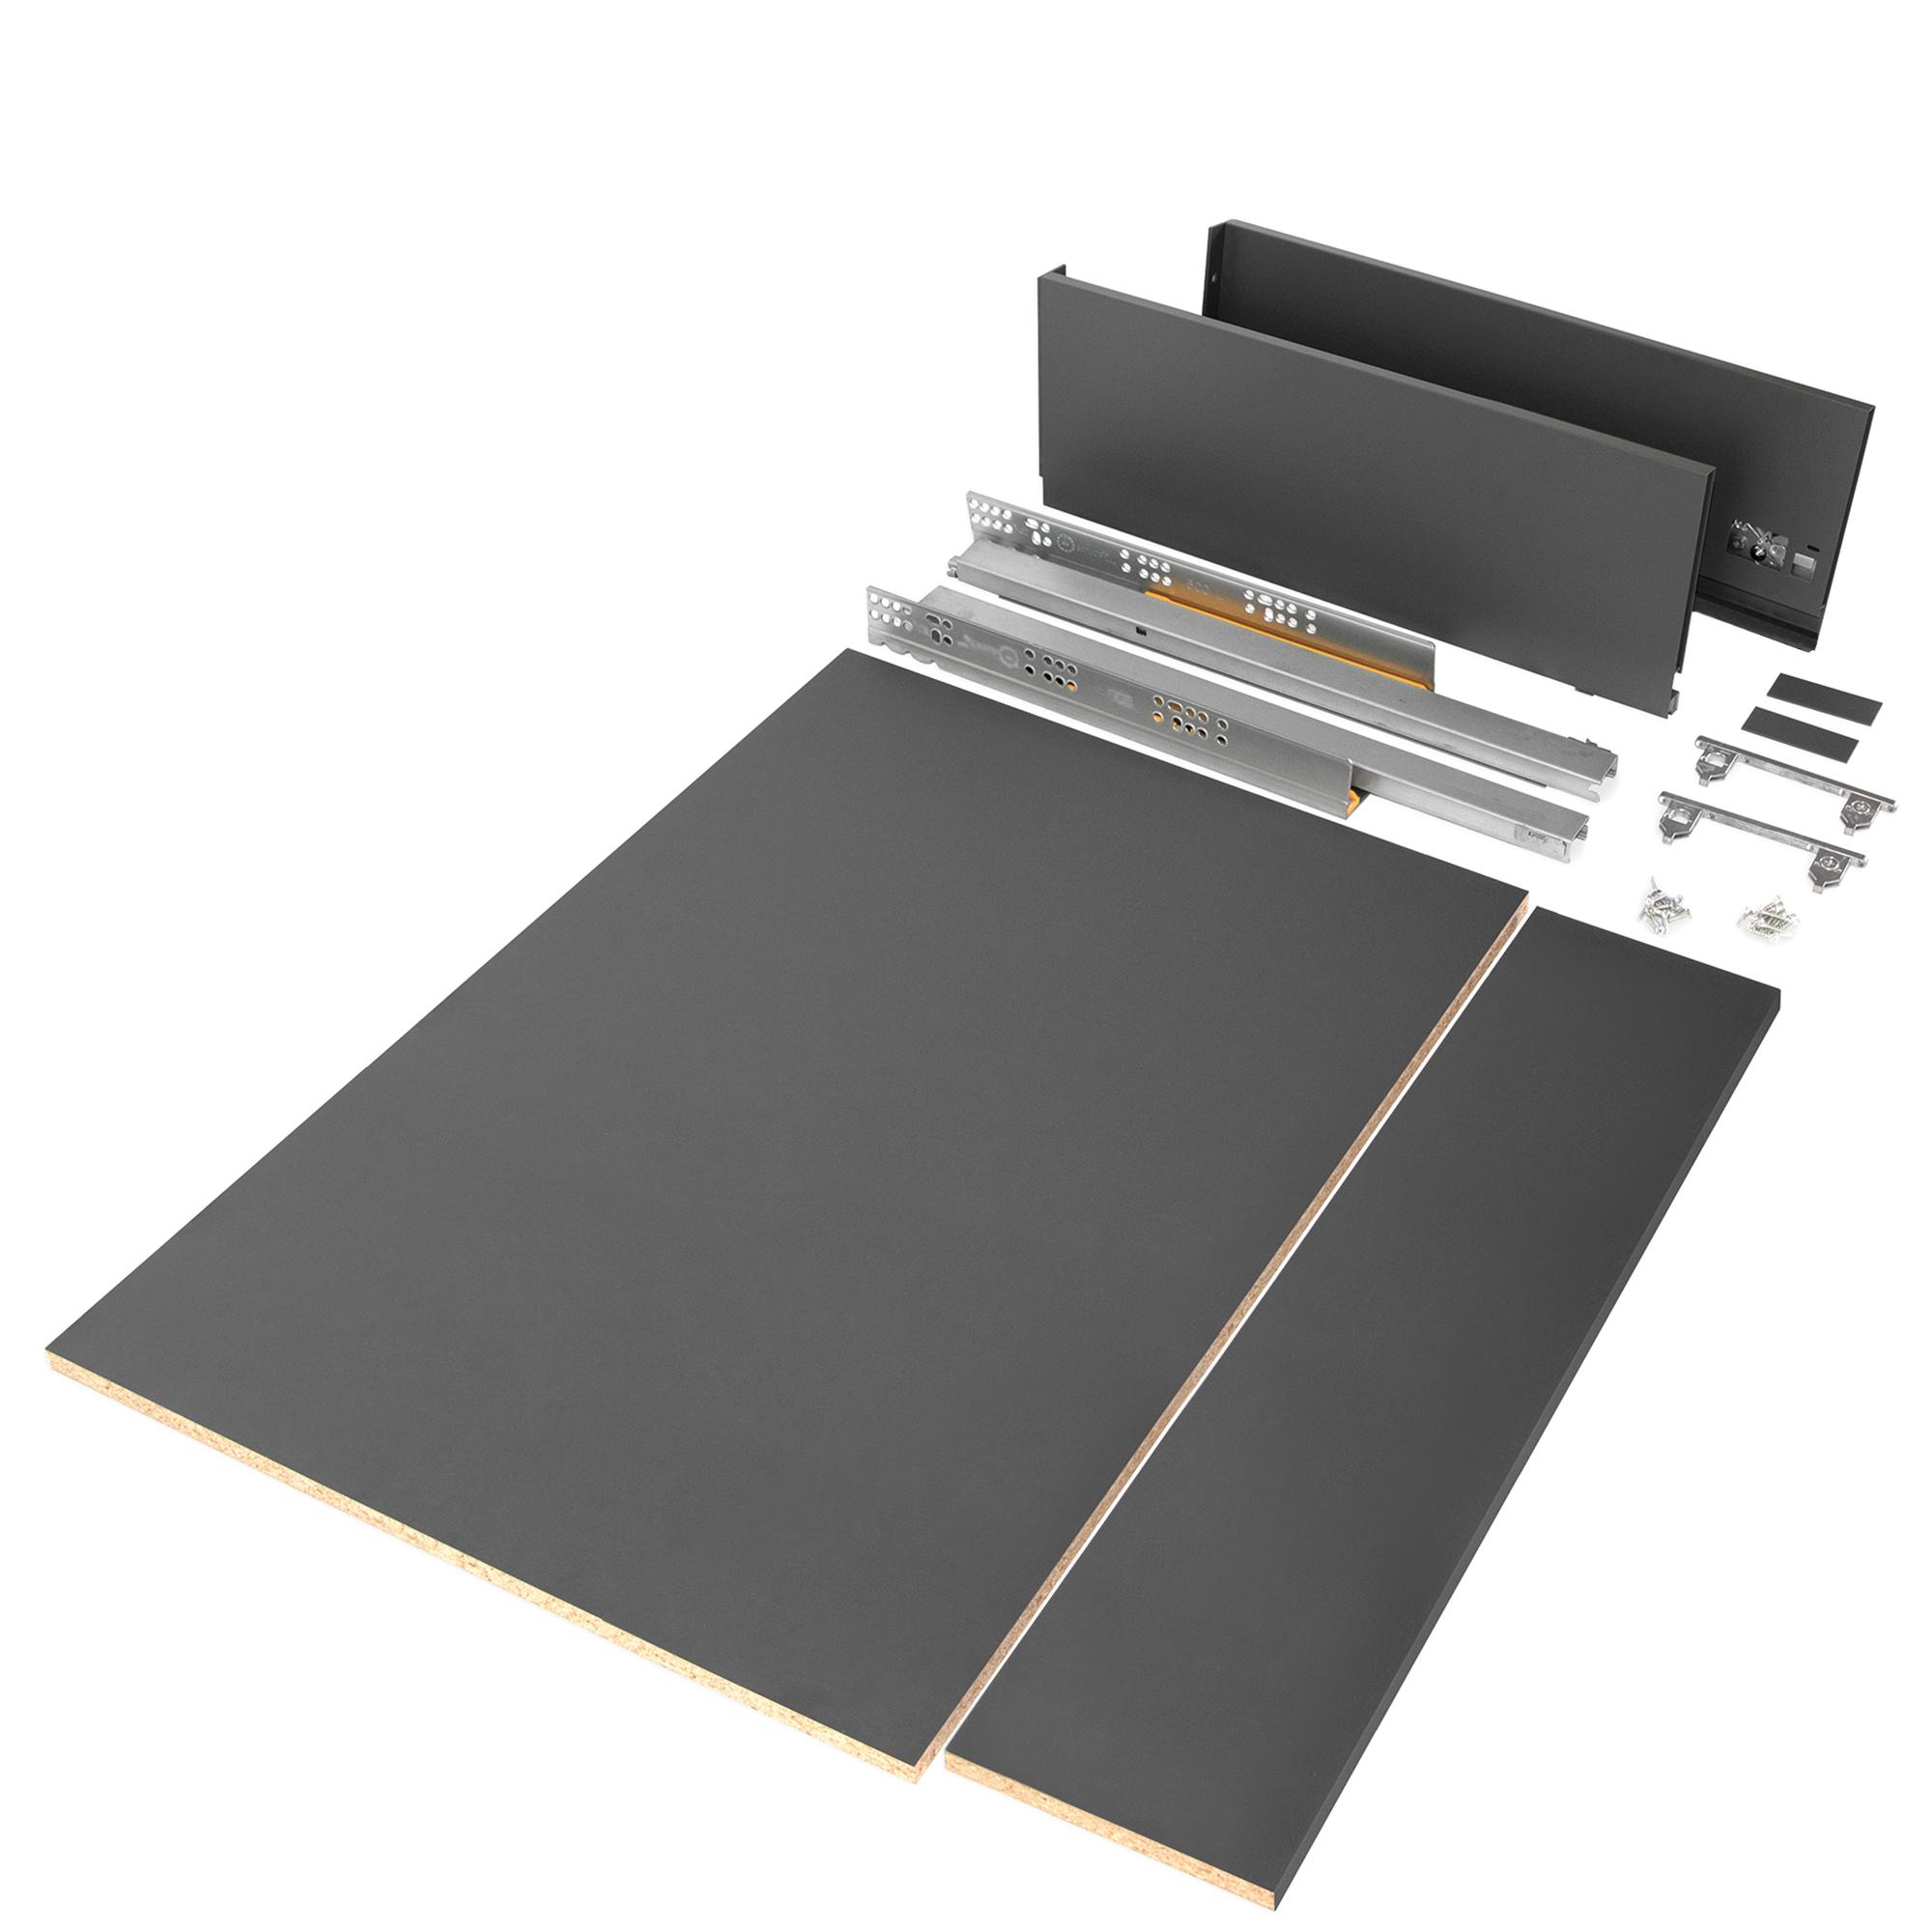 Emuca Kit cassetto per cucina o bagno con pannelli inclusi, chiusura soft, profondità 500 mm, altezza 178 mm, modulo 900 mm, Acc